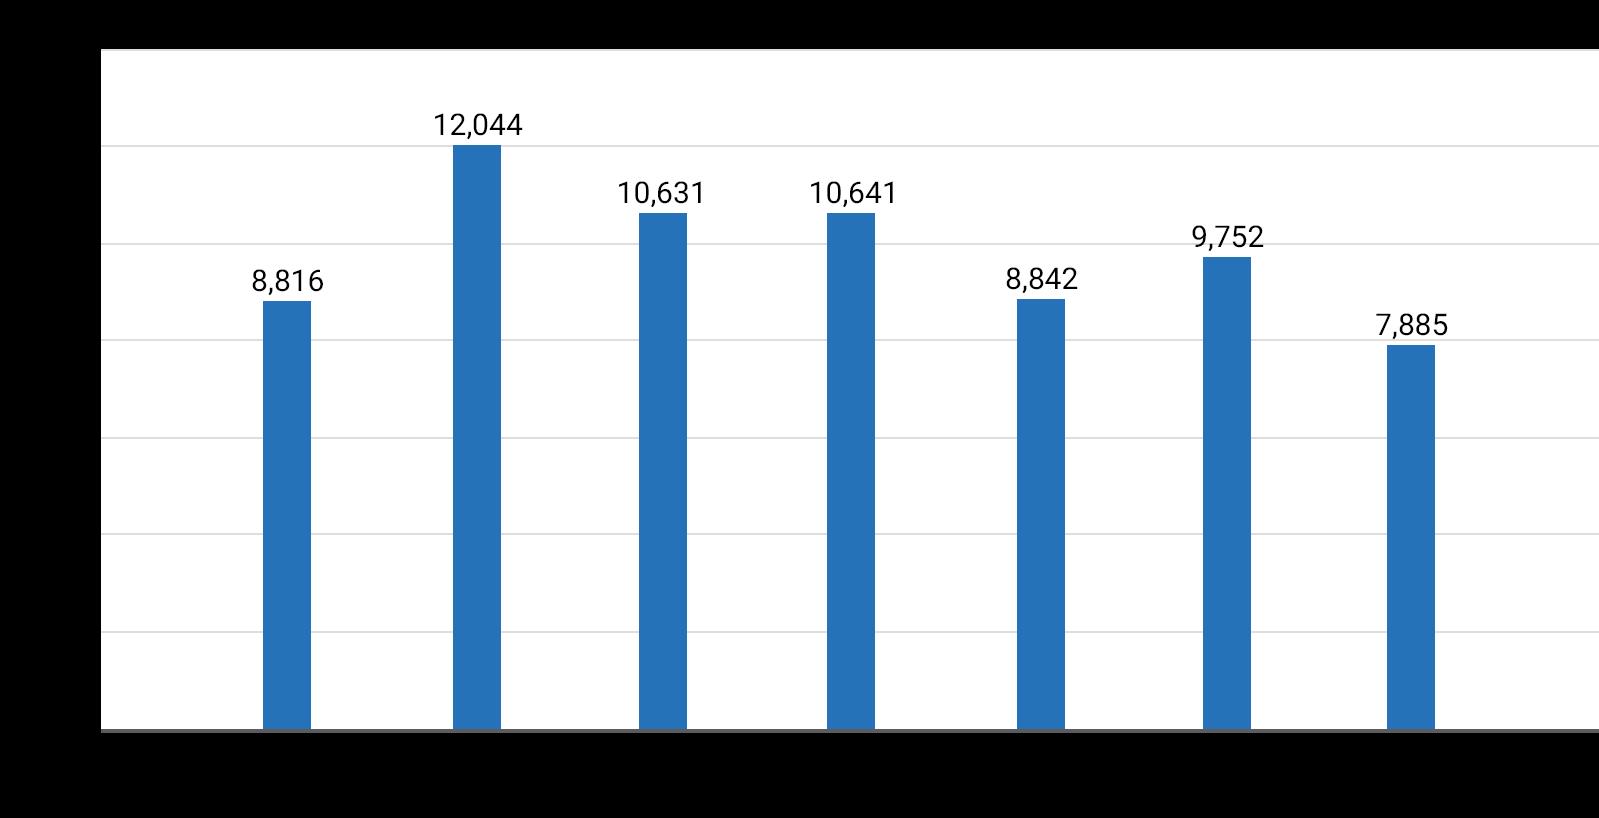 2015年3月期8,816人、2016年3月期12,044人、2016年12月期10,631人、2017年12月期10,641人、2018年12月期8,842人、2019年12月期9,752人、2020年12月期7,885人